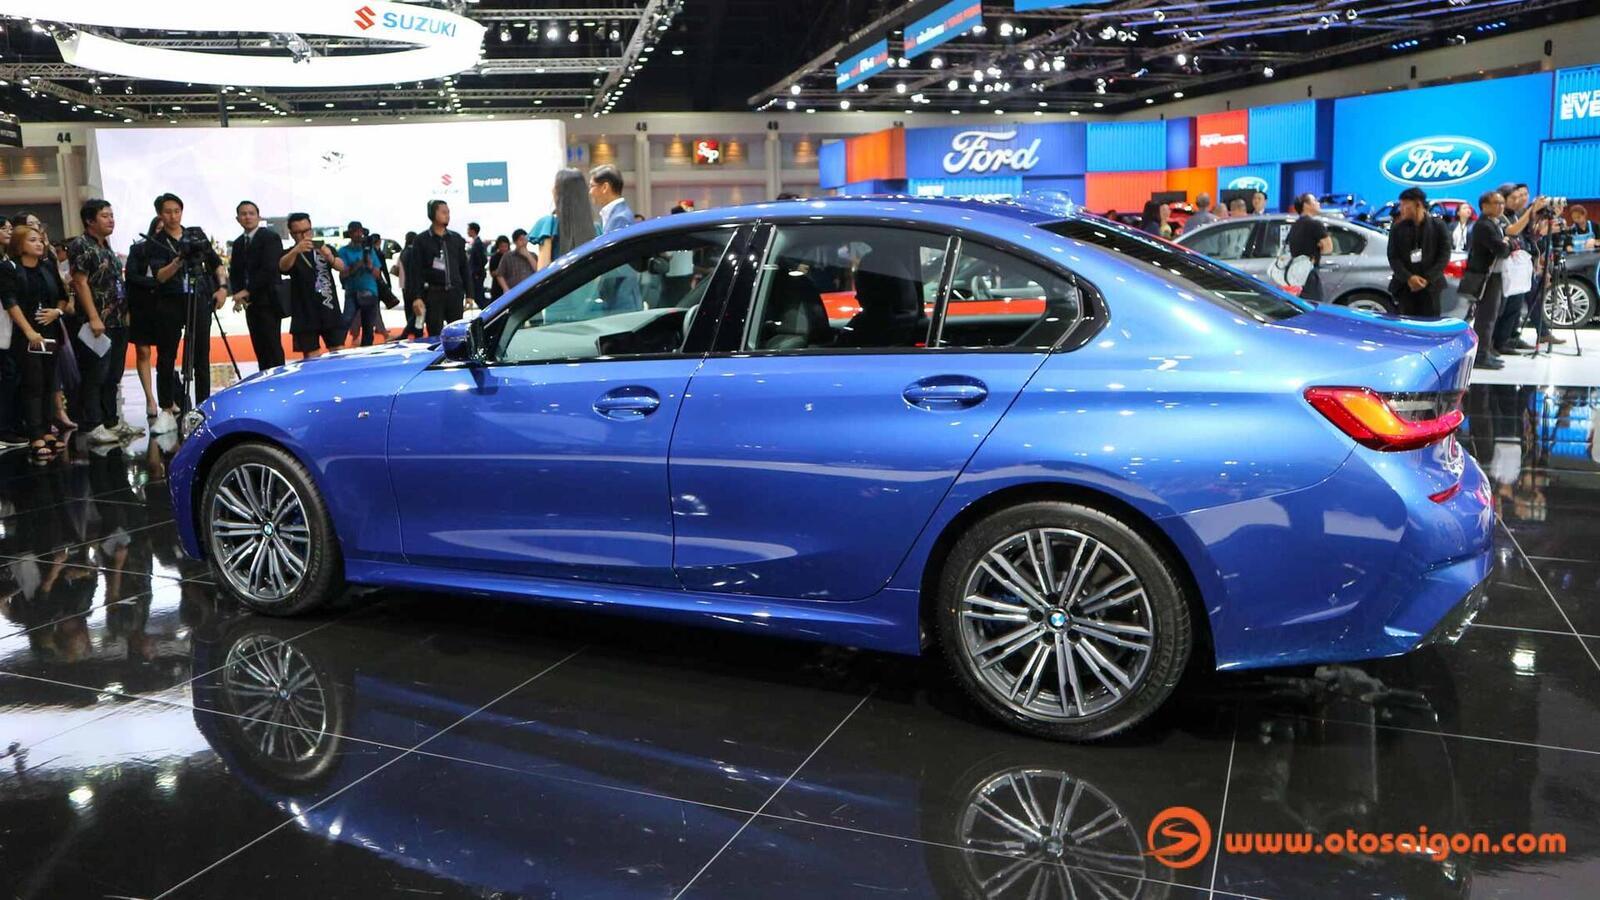 BMW 3 Series mới tại Thái Lan có giá bán từ 2,1 đến 2,4 tỷ đồng - Hình 3